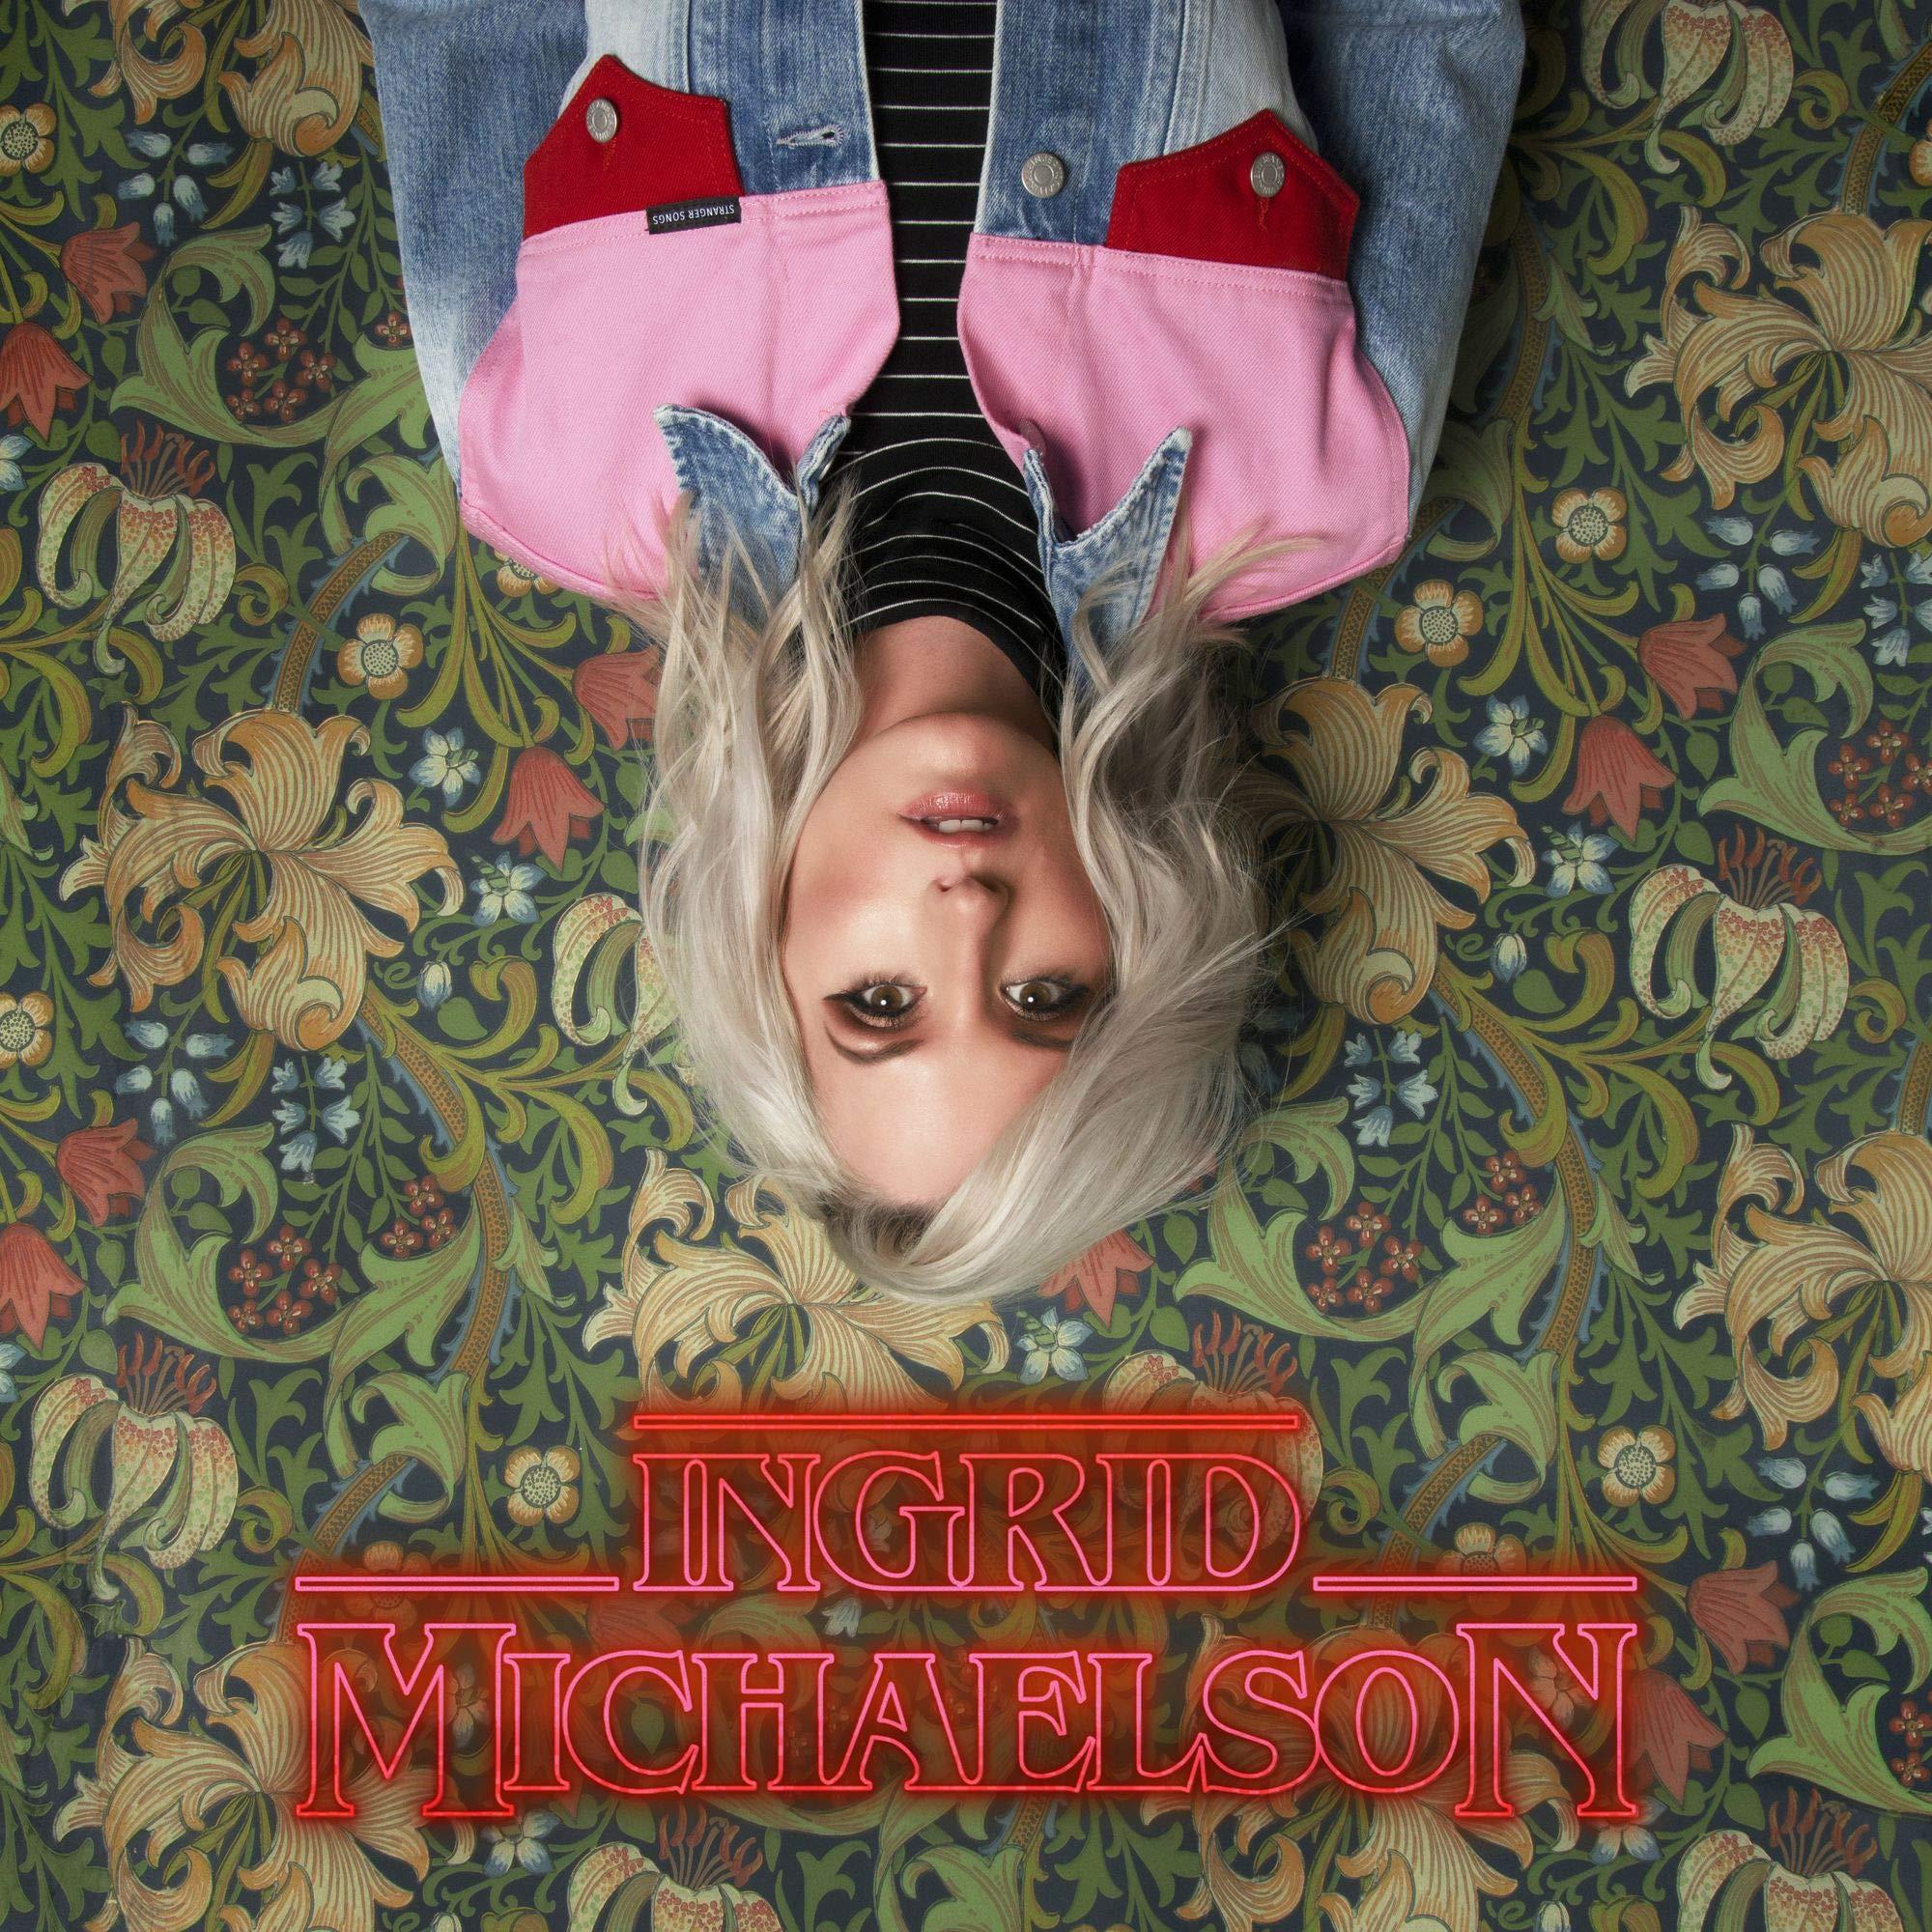 Book Cover: Stranger Songs                                                                                                                                                                    Explicit Lyrics